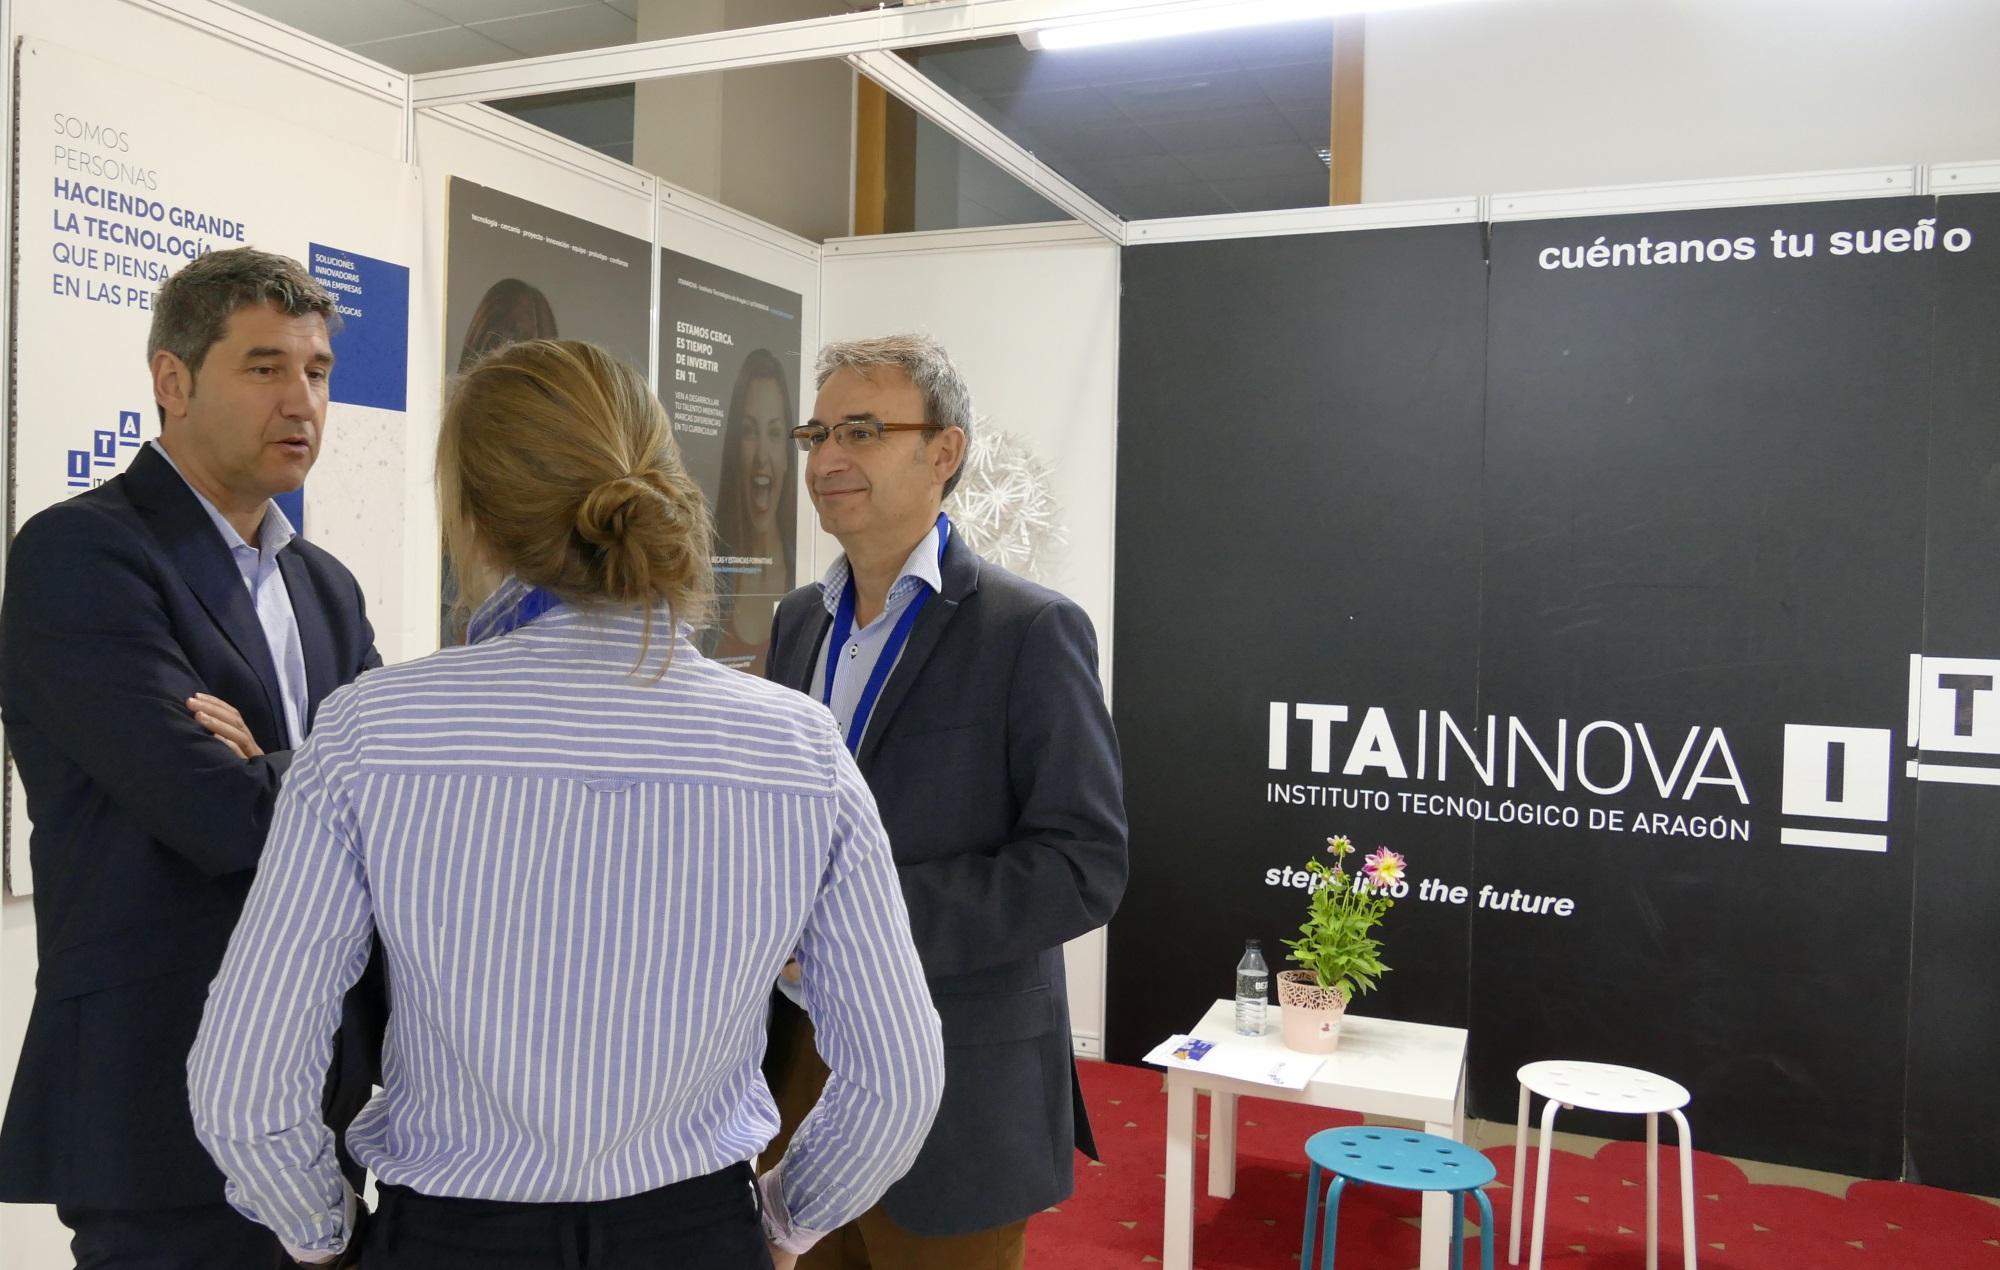 ITAINNOVA asiste a la Feria de Orientación y Empleo de Unizar, ExpoTALENT 2019